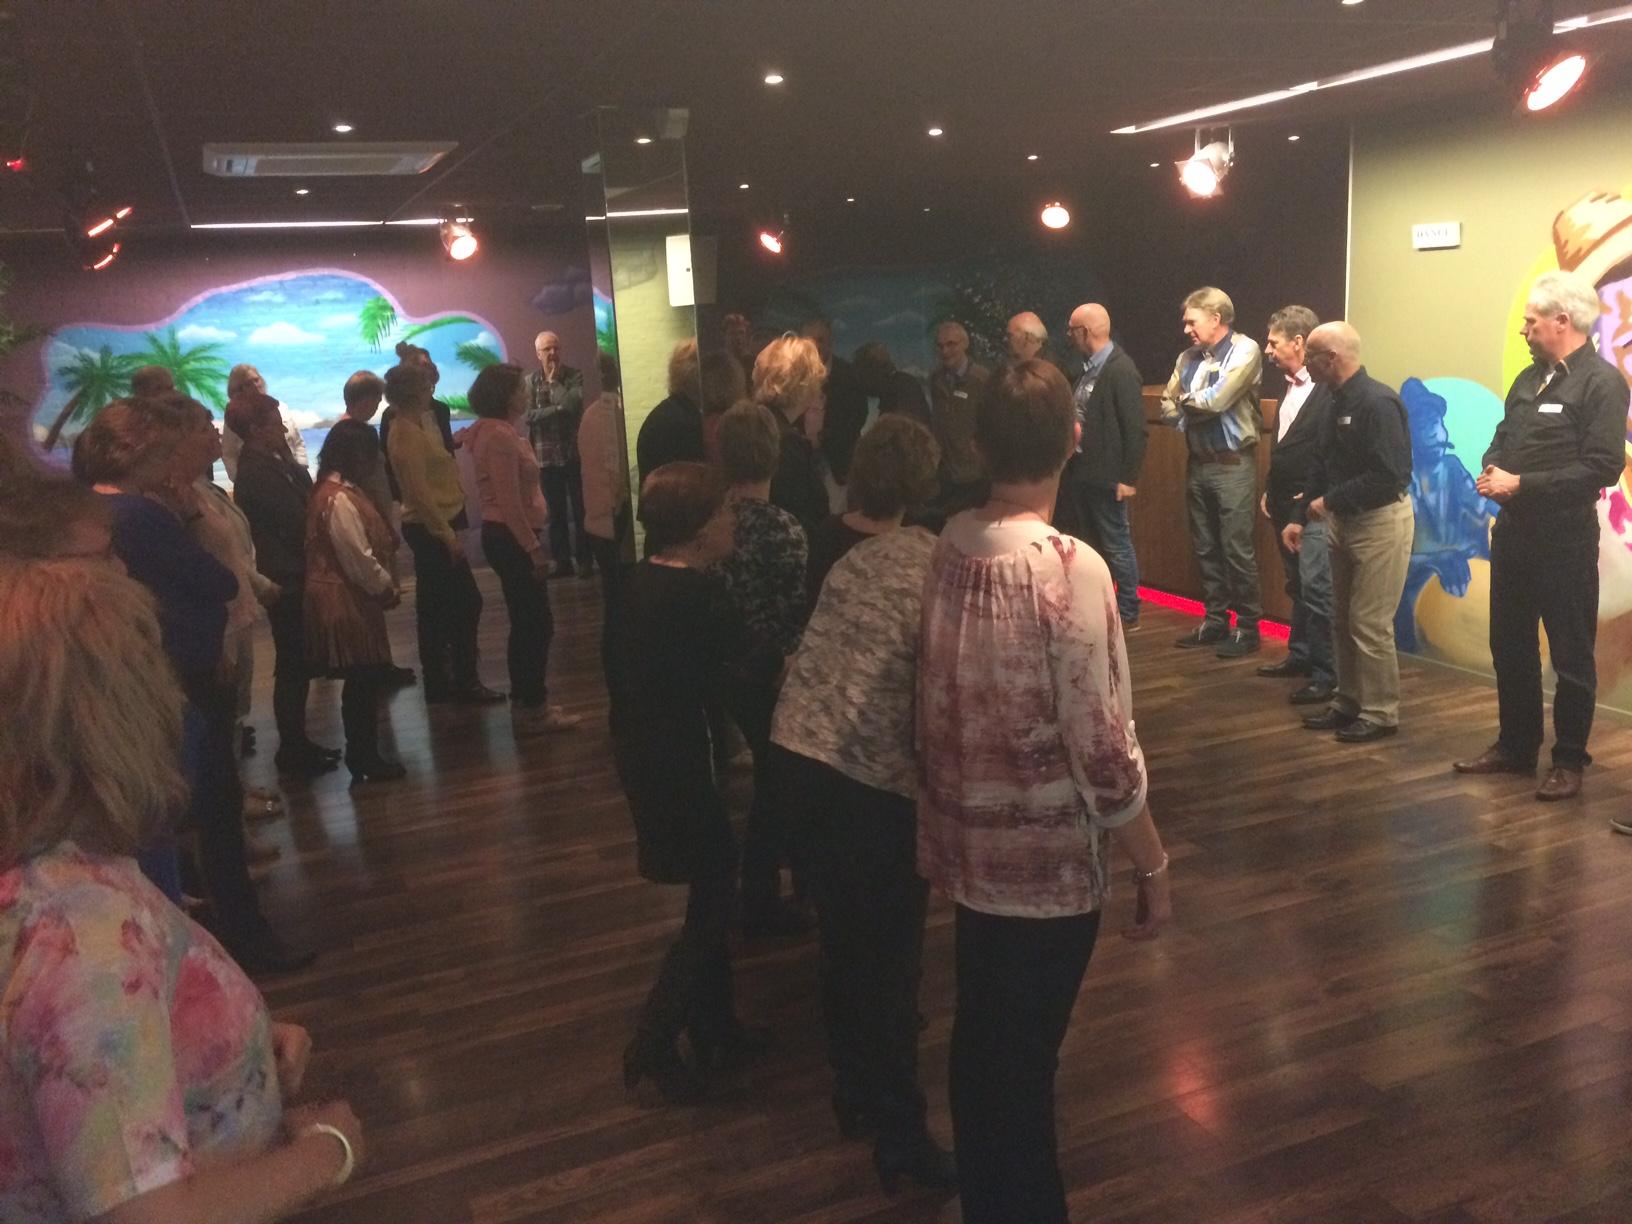 singlescafe bij danscentrum El Centro de la Salsa Hengelo (ov) incl. workshop salsa dansen wat een groot succes bleek!